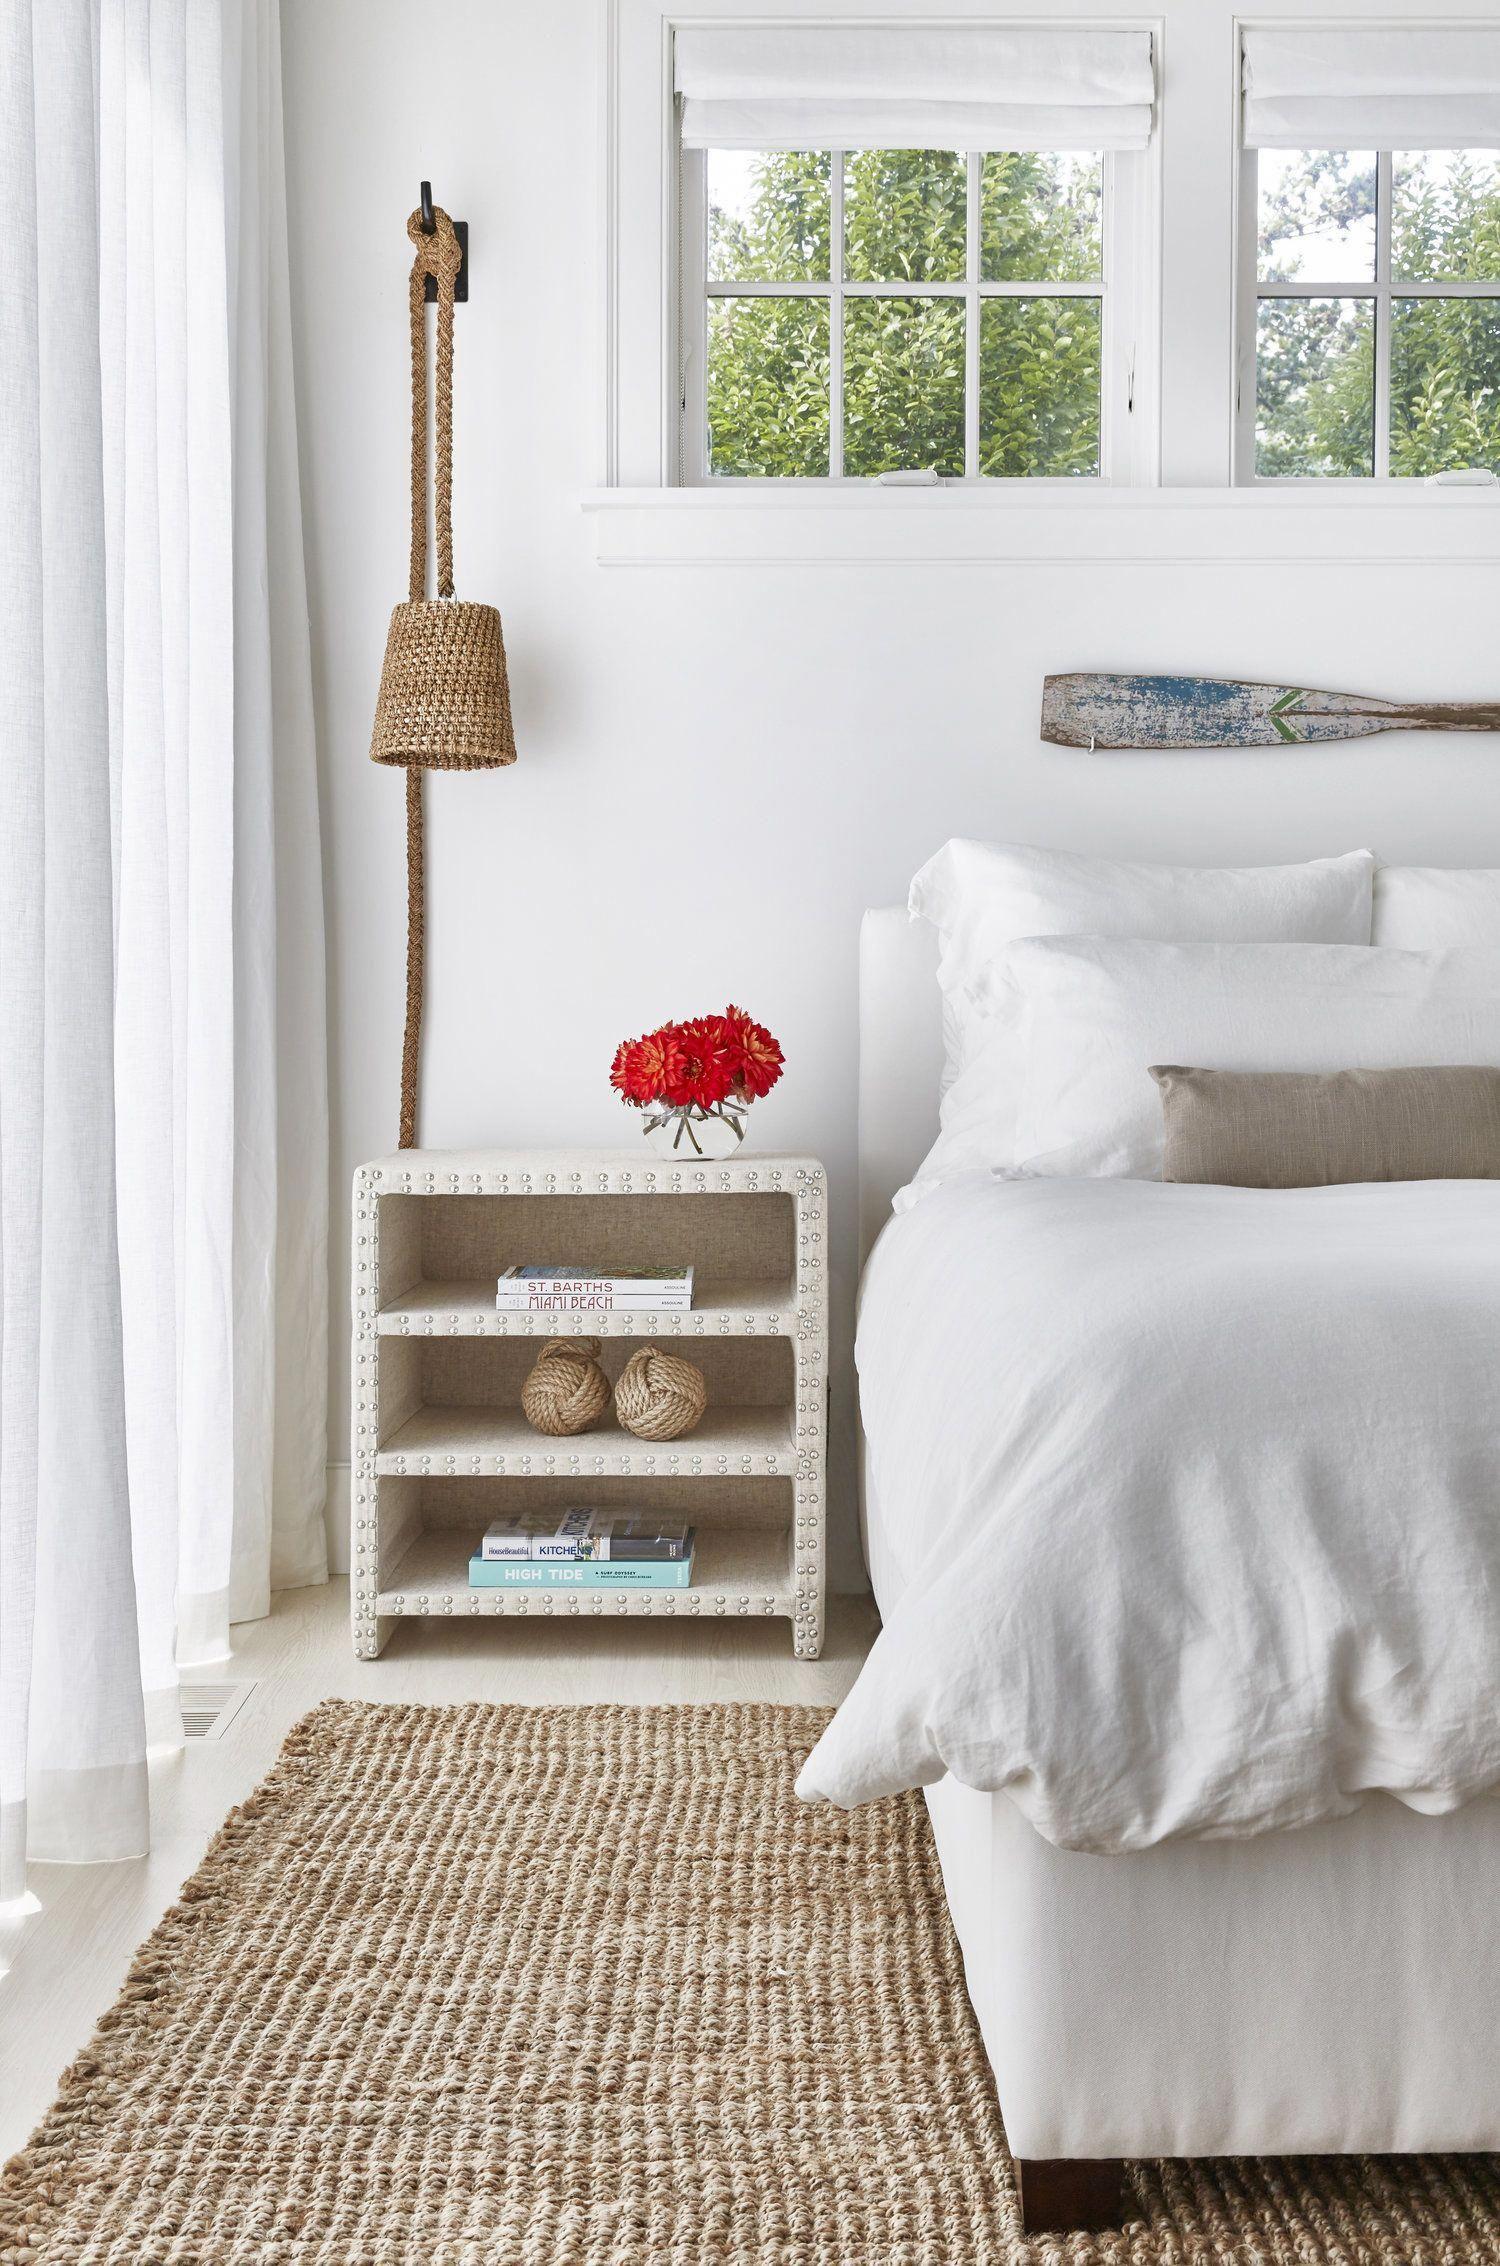 Home decor ideas houzz design magazines also beach cottage rh pinterest